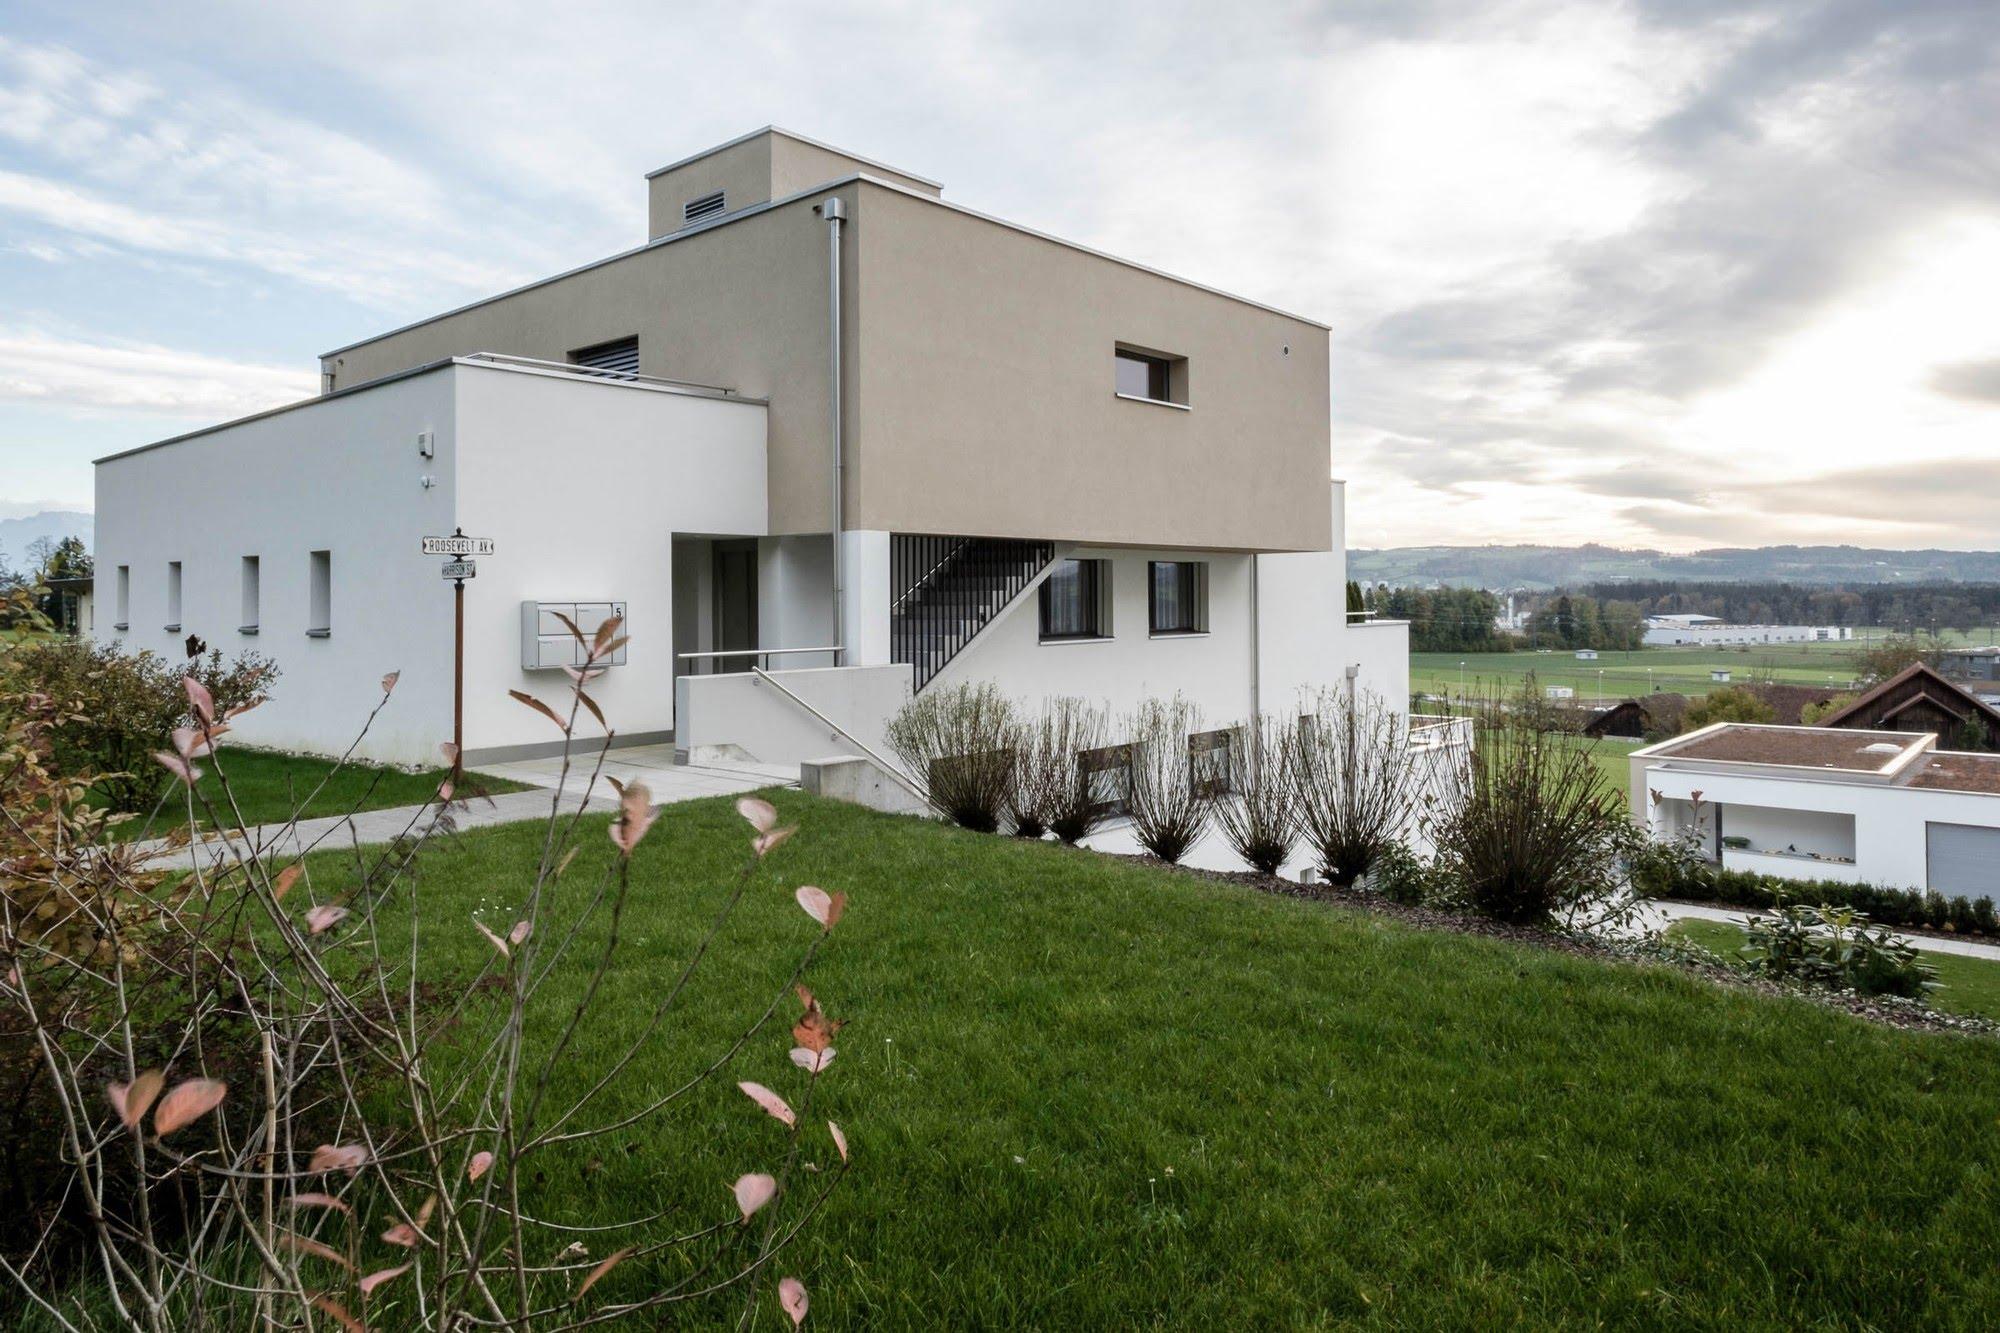 Wohnen MFH,Wohnen EFH Überbauung Feld Architektur,Wohnungsbau,Wohnhäuser,Einfamilienhäuser,Mehrfamilienhäuser